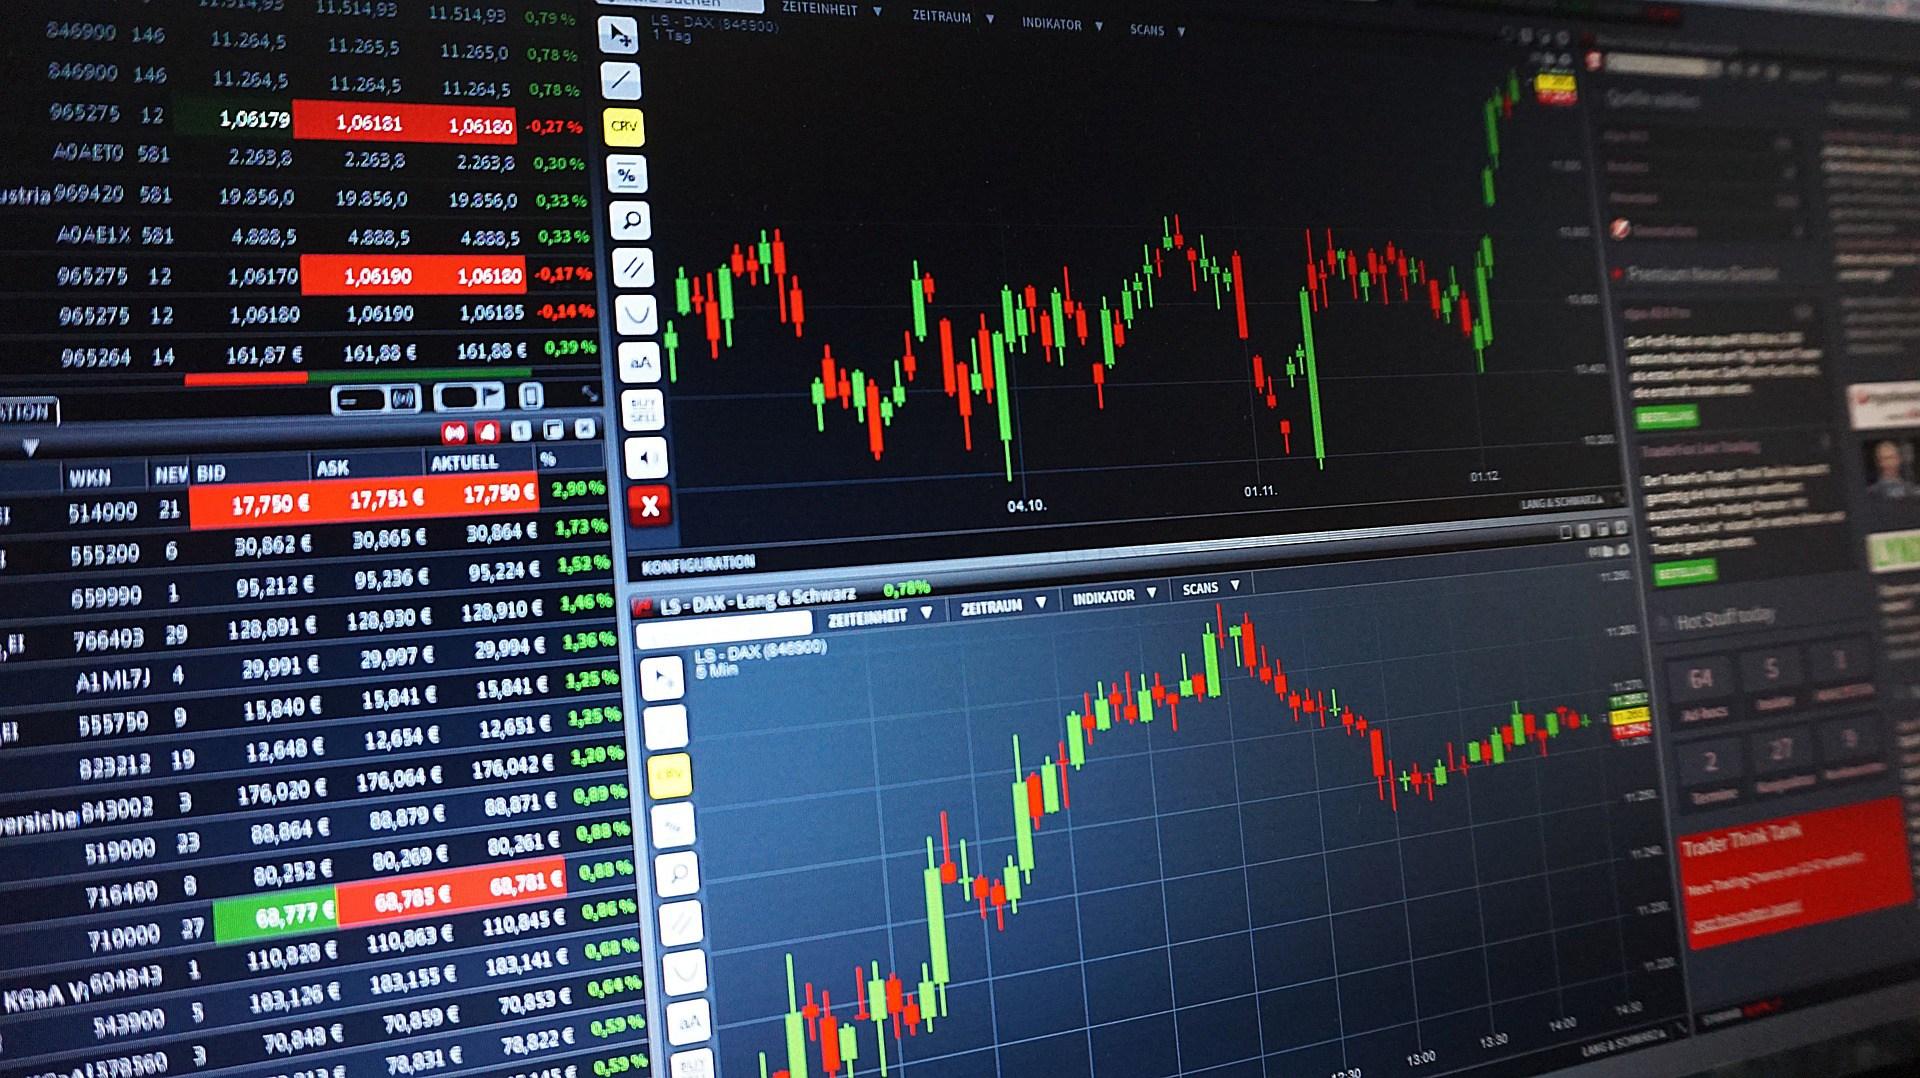 Bolsa tem alta volatilidade e muitas discrepâncias entre companhias